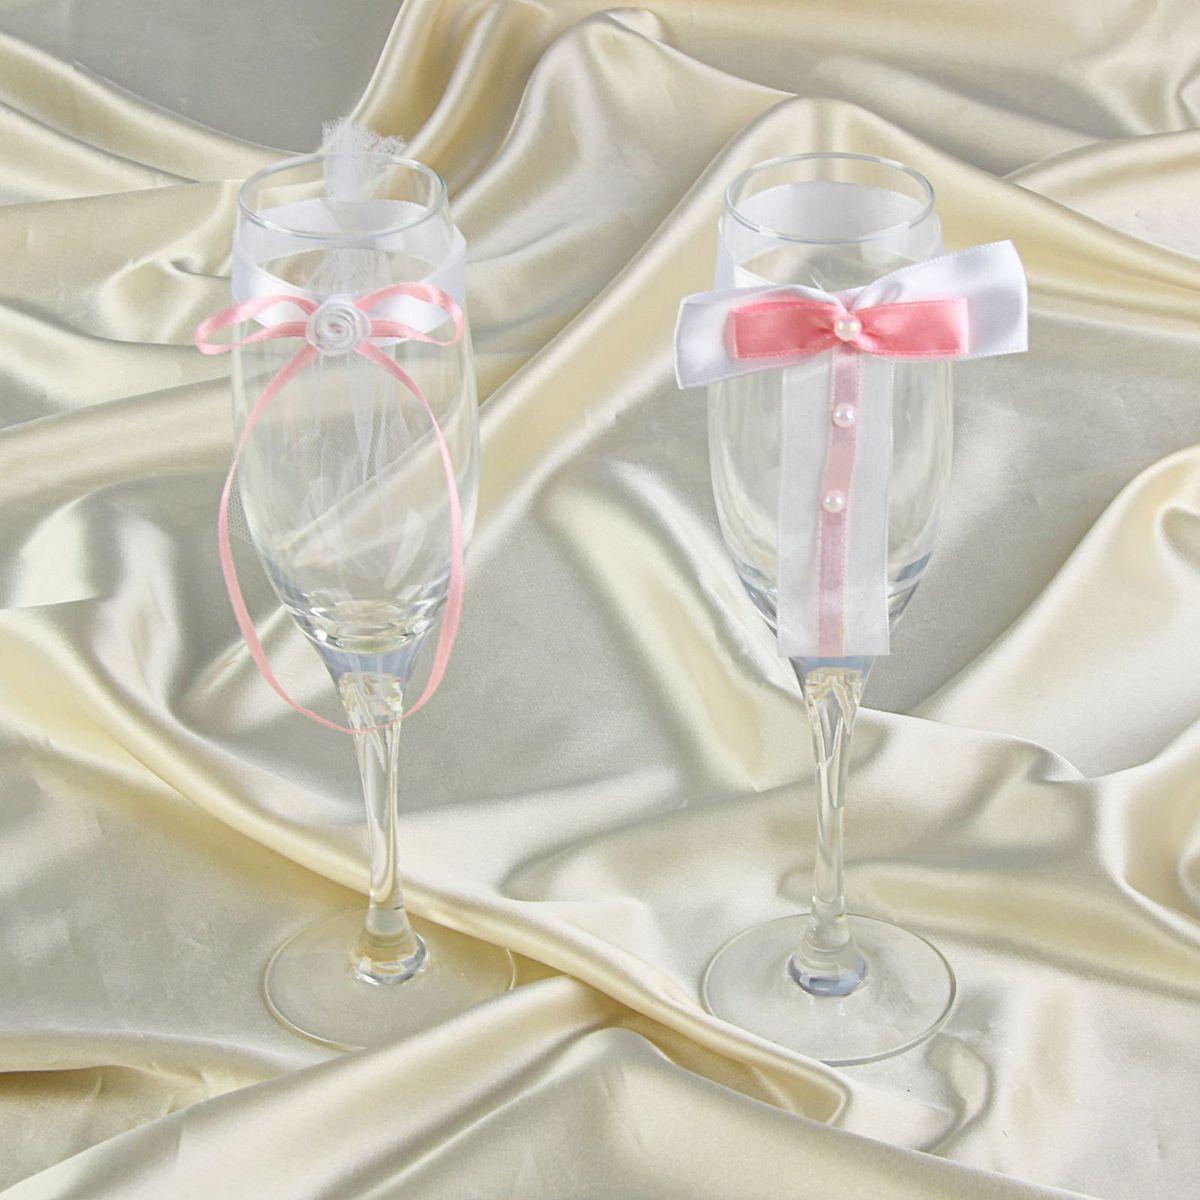 Sima-land Комплект декора на бокалы, бантики и цветок100890Декор на бокалы, - то, без чего не проходит ни одна церемония бракосочетания. Изысканный и утонченный аксессуар будет выигрышно смотреться в зале регистрации и за банкетным столом. Этот символ можно сохранить и на последующие годовщины свадьбы, украсив им бокал шампанского и вспоминая счастливый день.